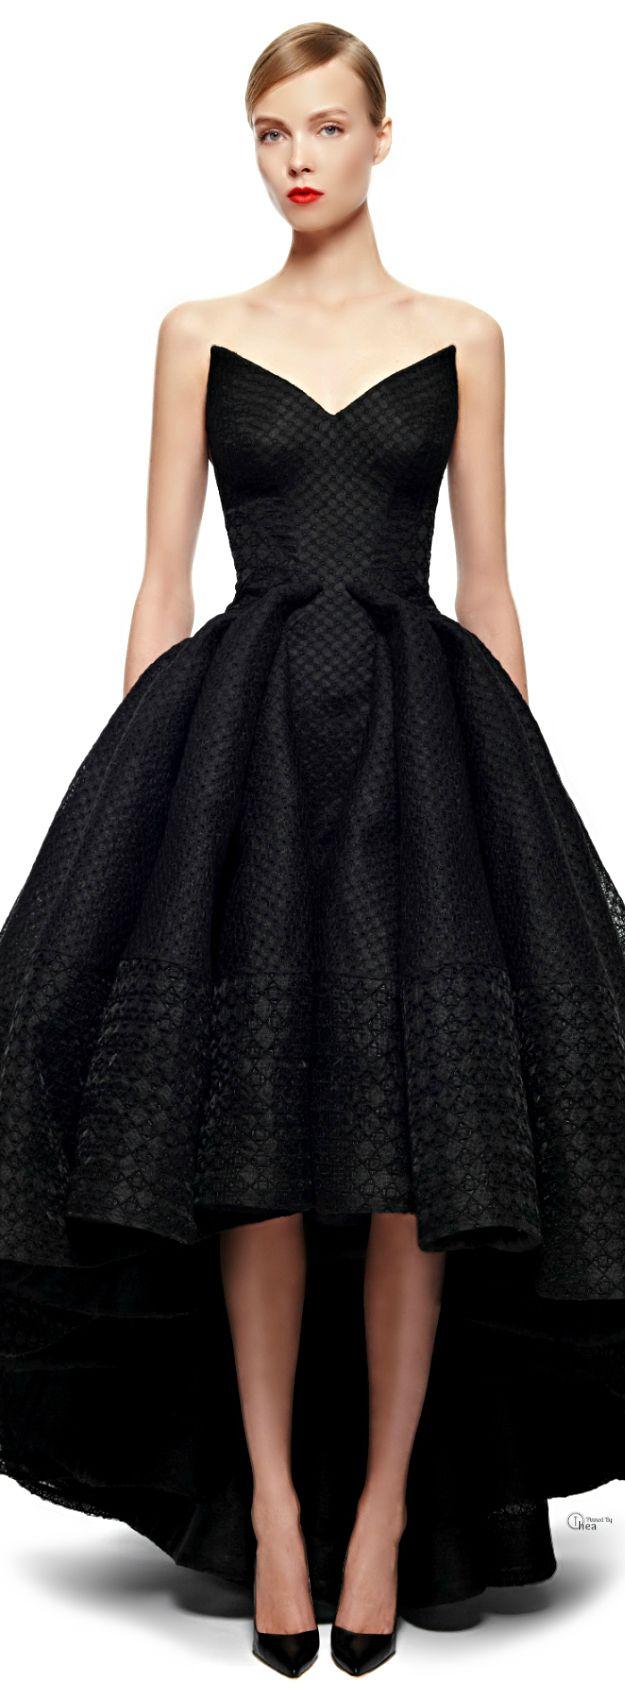 Vestido de Zac Posen, para una boda más alternativa y elegante. #BodaTotal